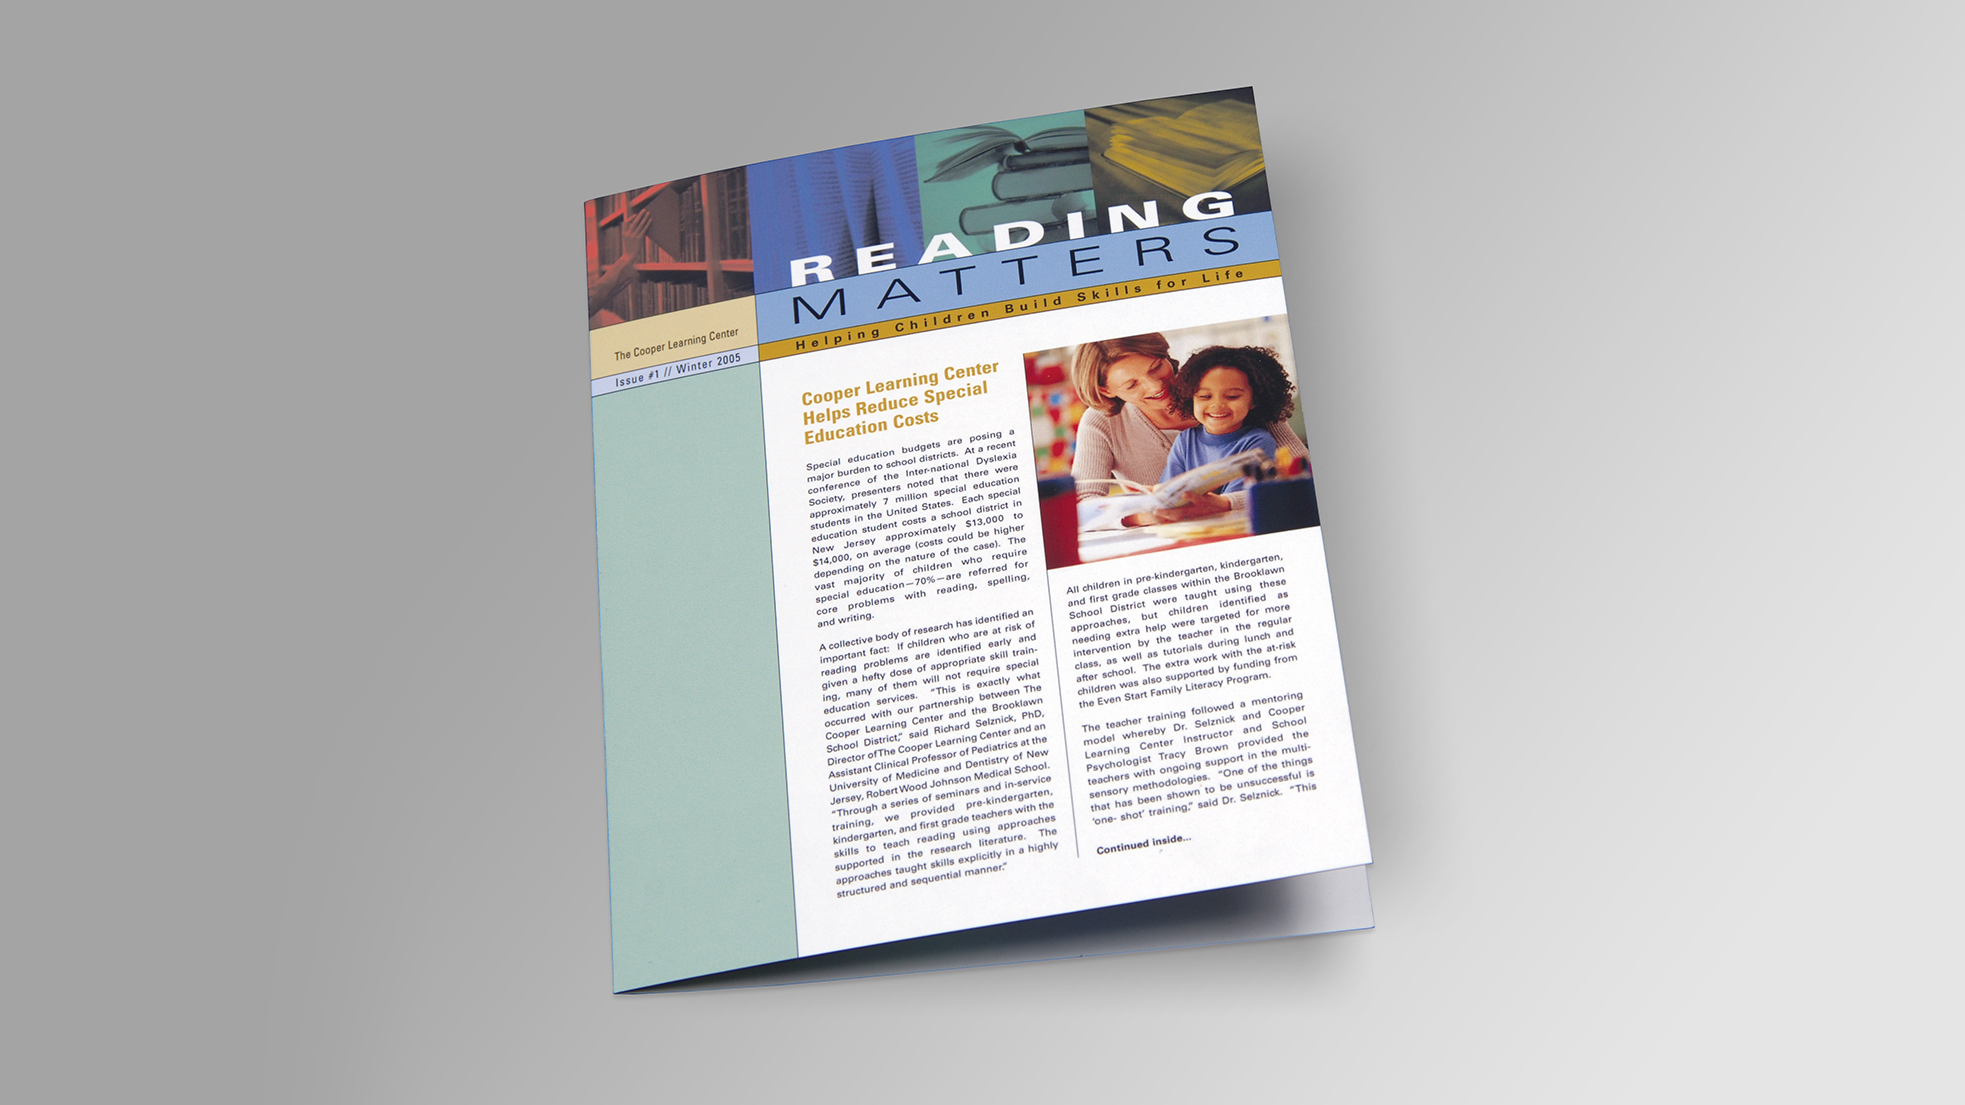 Cooper Learning Center newsletter